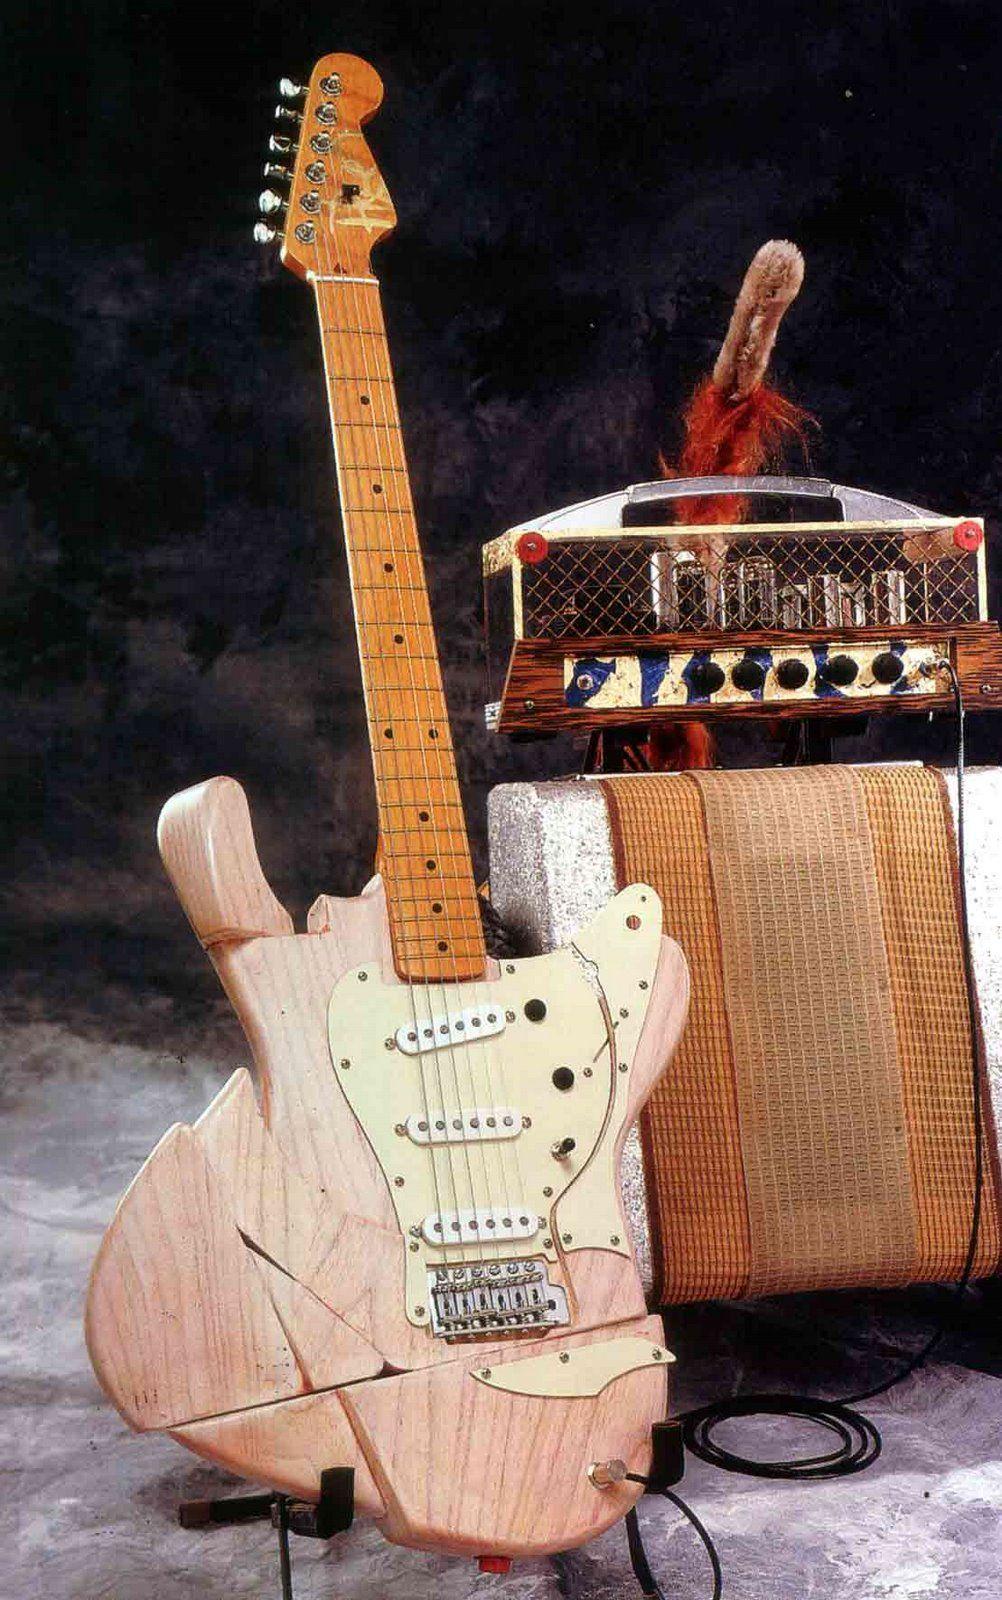 Fracturecaster Amp Jpg Image Guitar Cool Guitar Guitar Strings